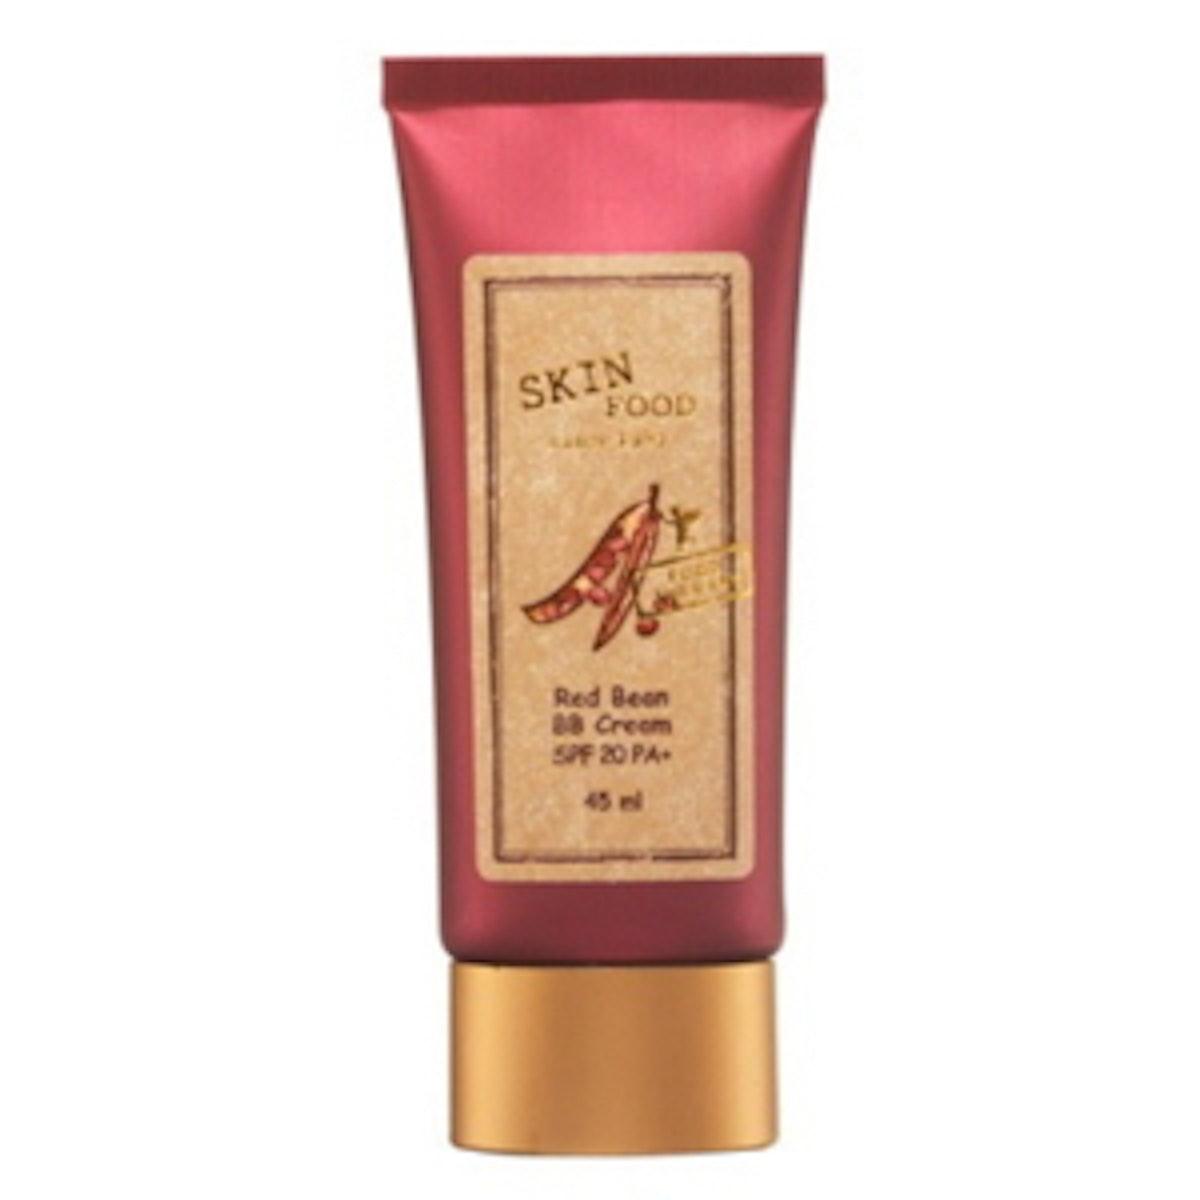 Red Bean BB Cream